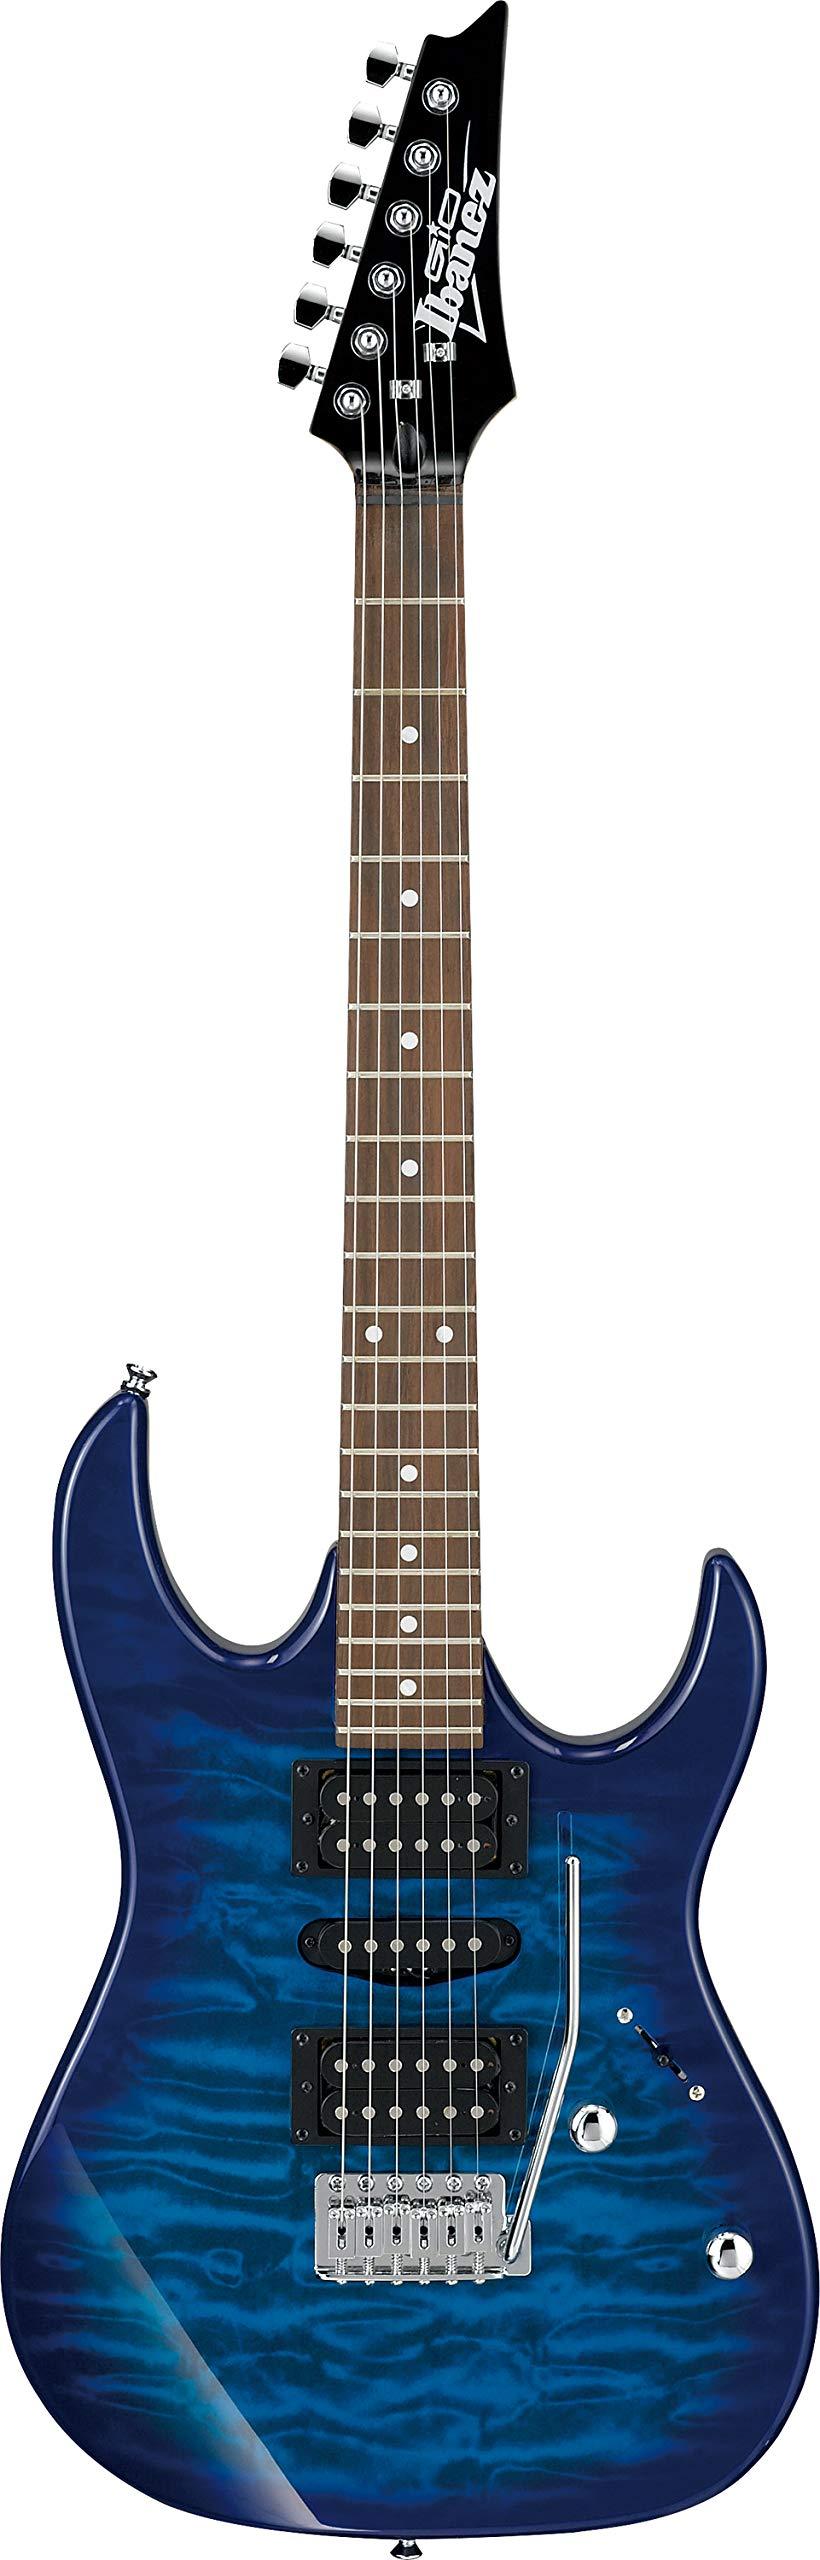 Chitarra elettrica Ibanez grx70qa-tbb Gio